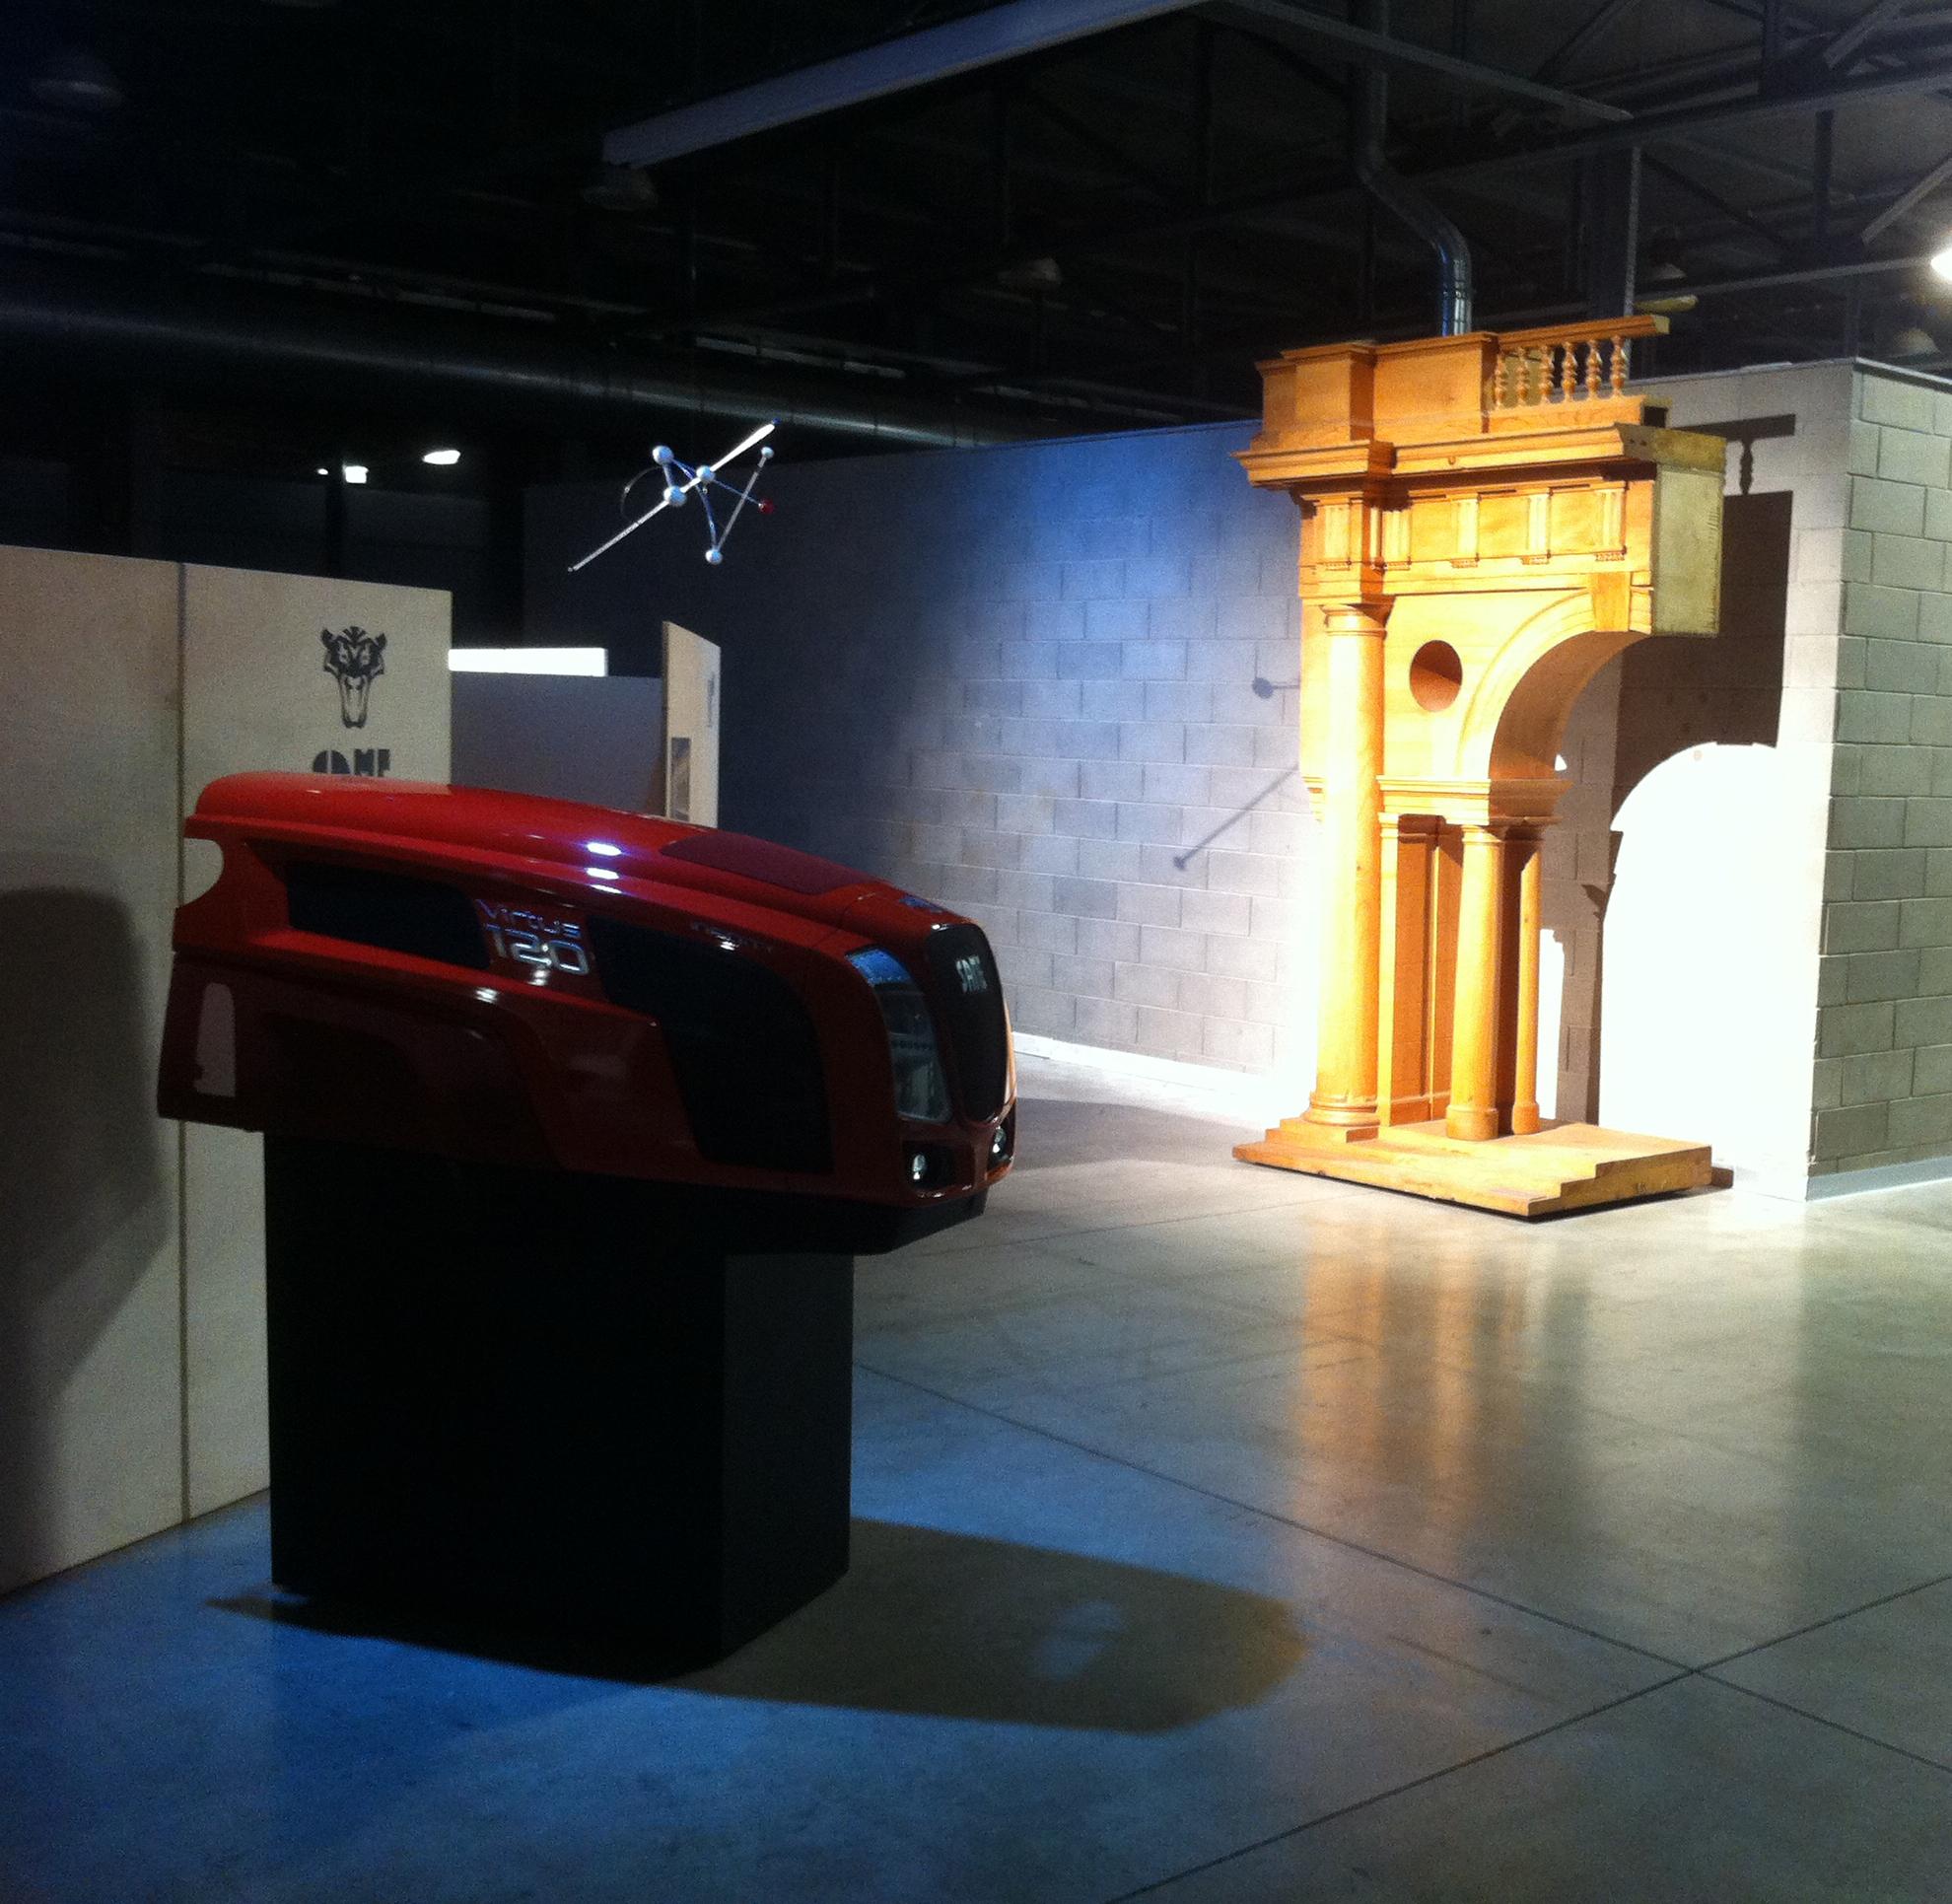 Cofano trattore SAME, design SDF con Italdesign Giugiaro, 2012, Museo SAME